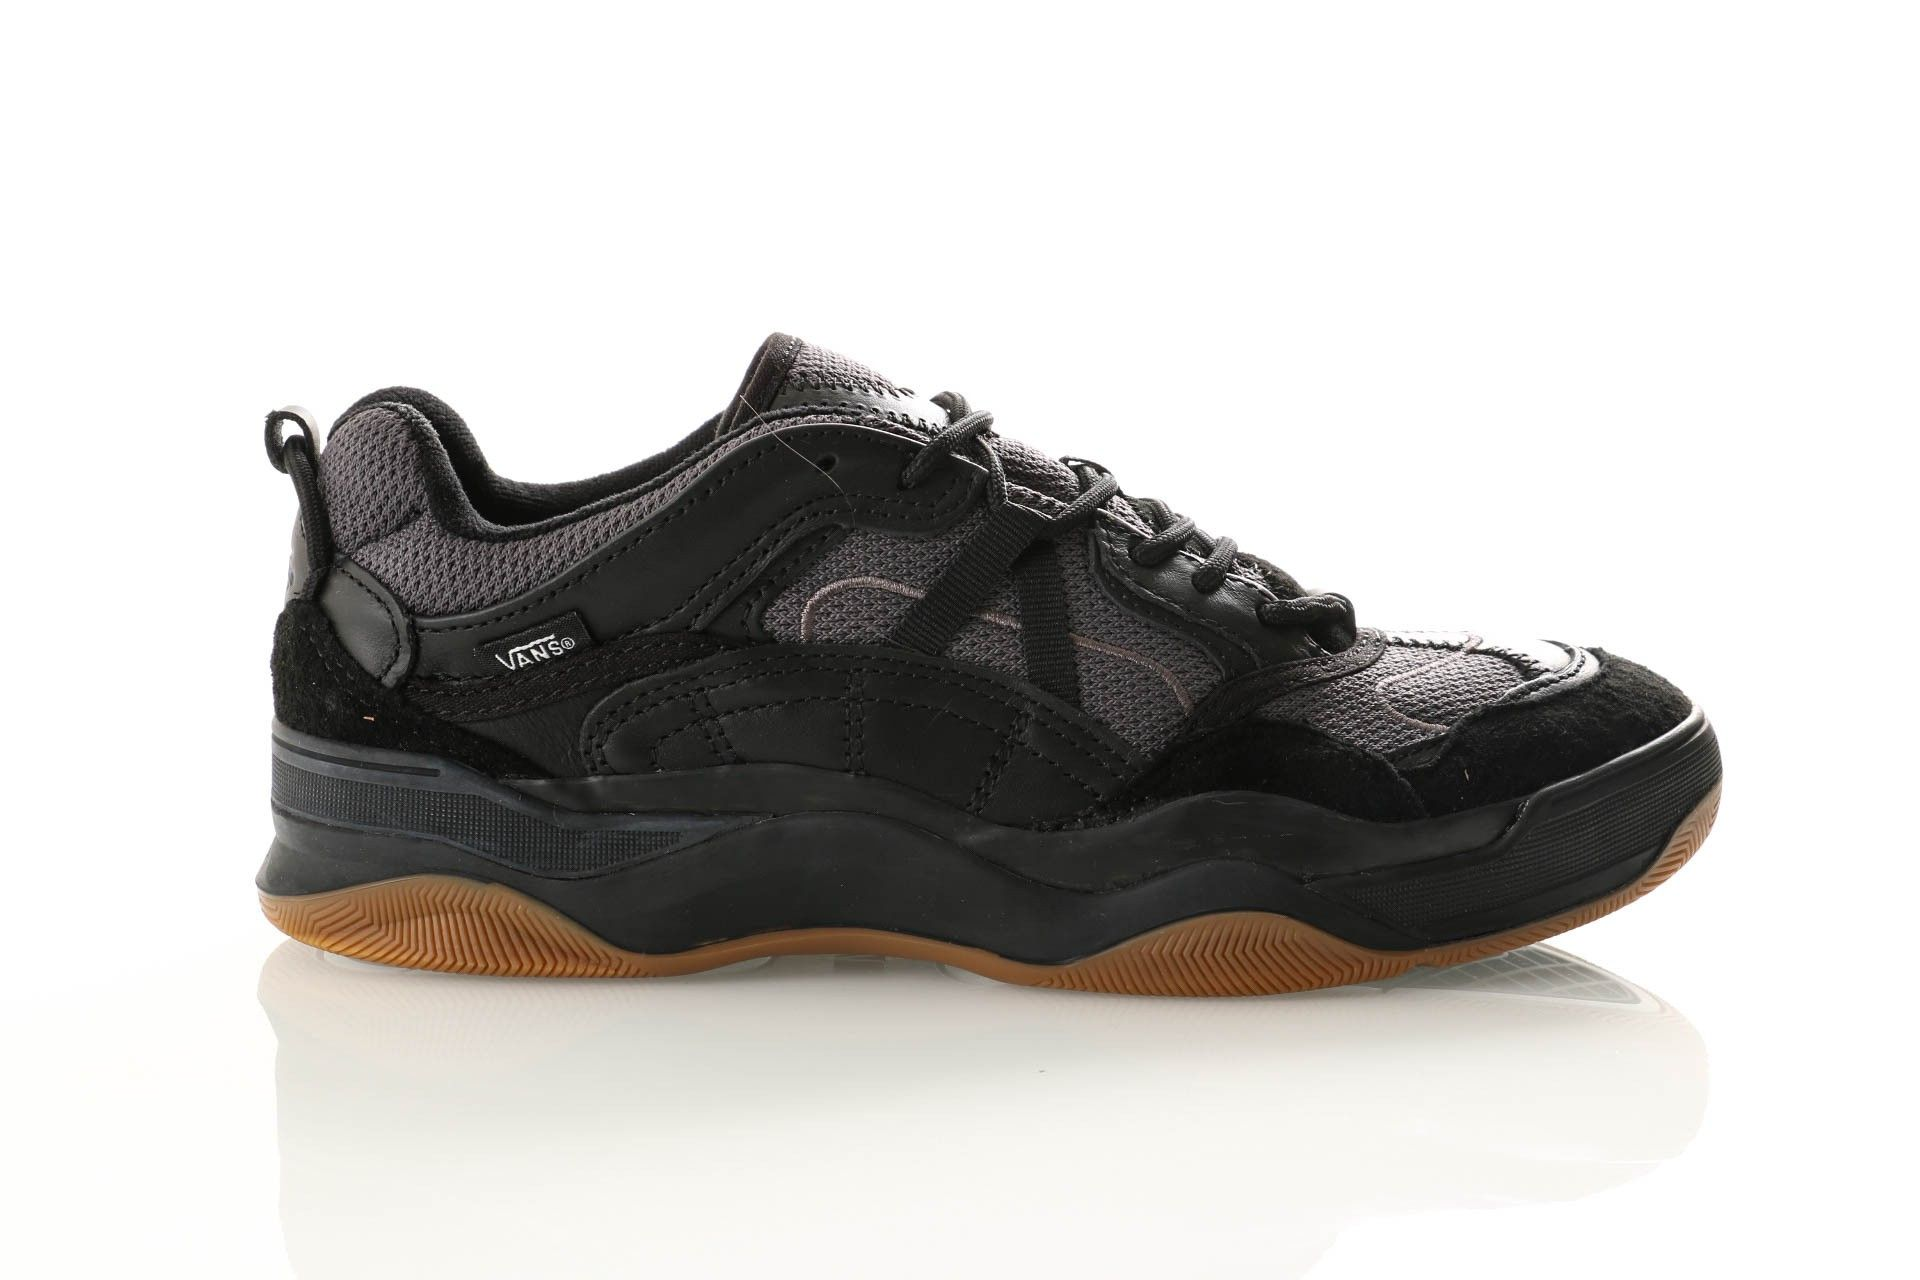 Afbeelding van Vans Ua Varix Wc Vn0A3Wlnqtf1 Sneakers (Staple) Black/Black